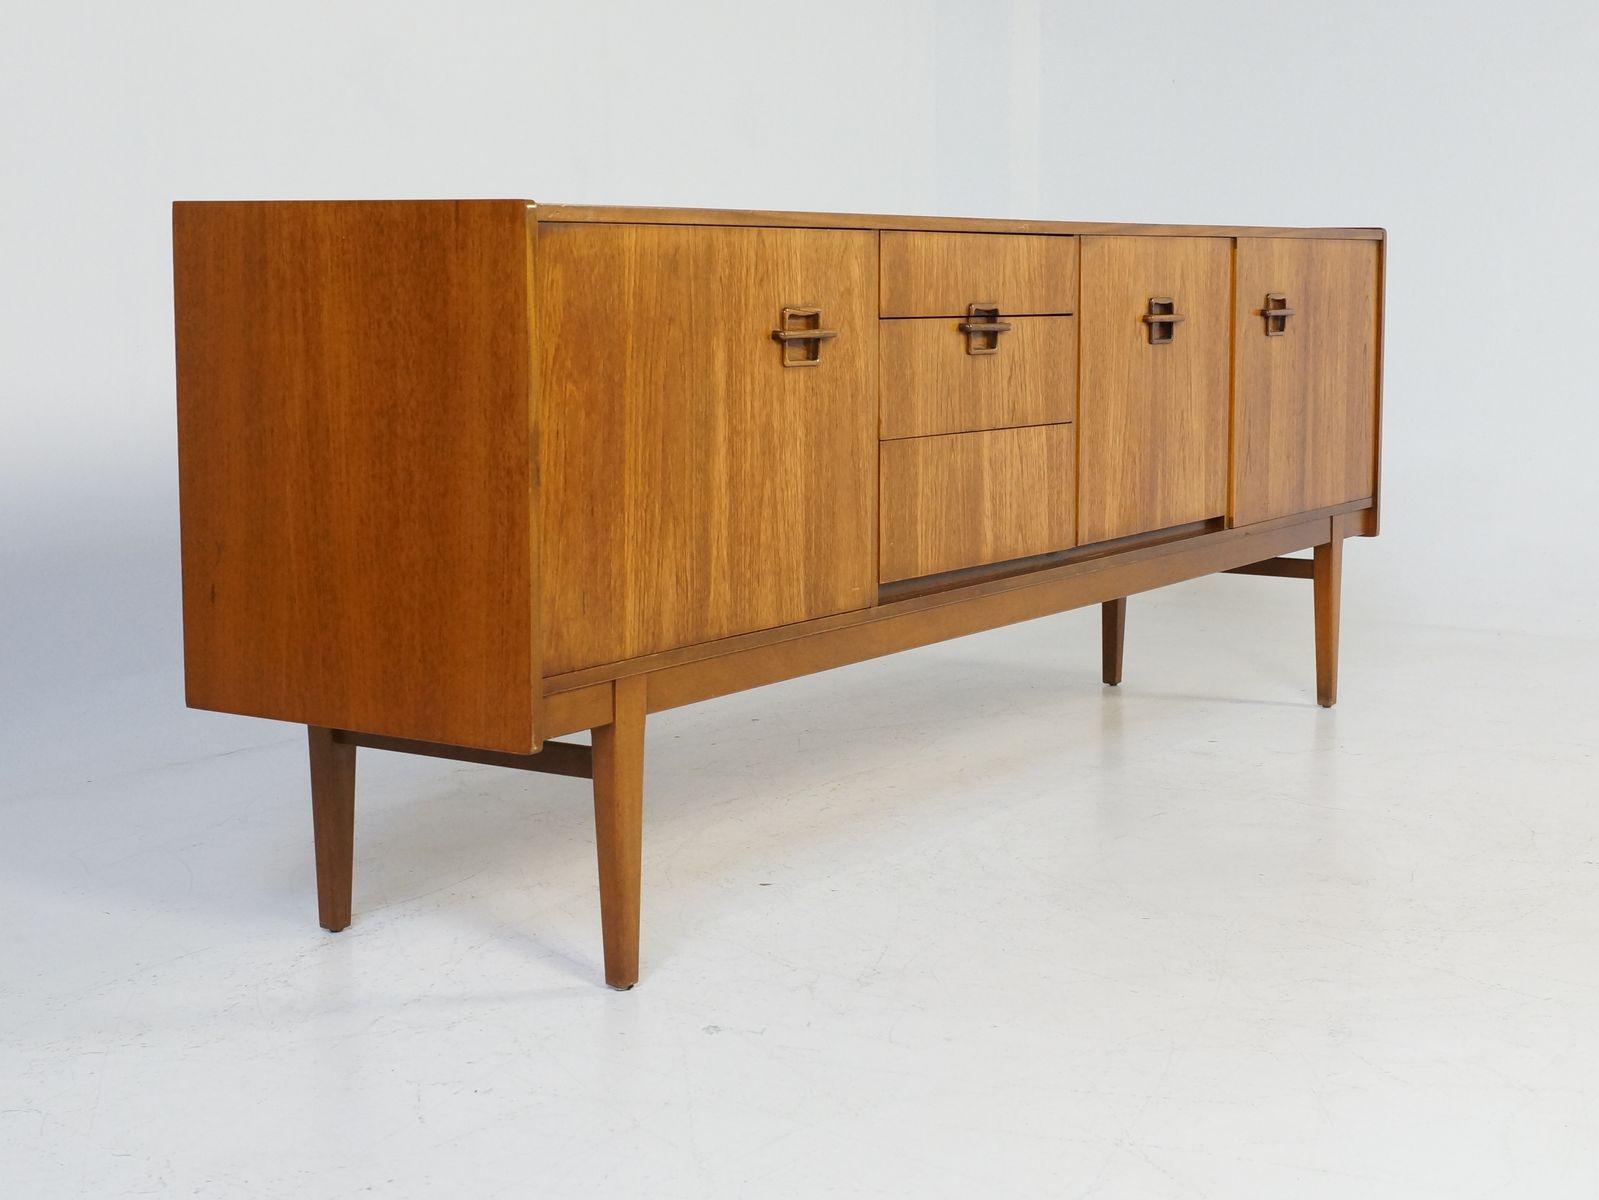 Corinthian Teak Rosewood Sideboard From Nathan Furniture